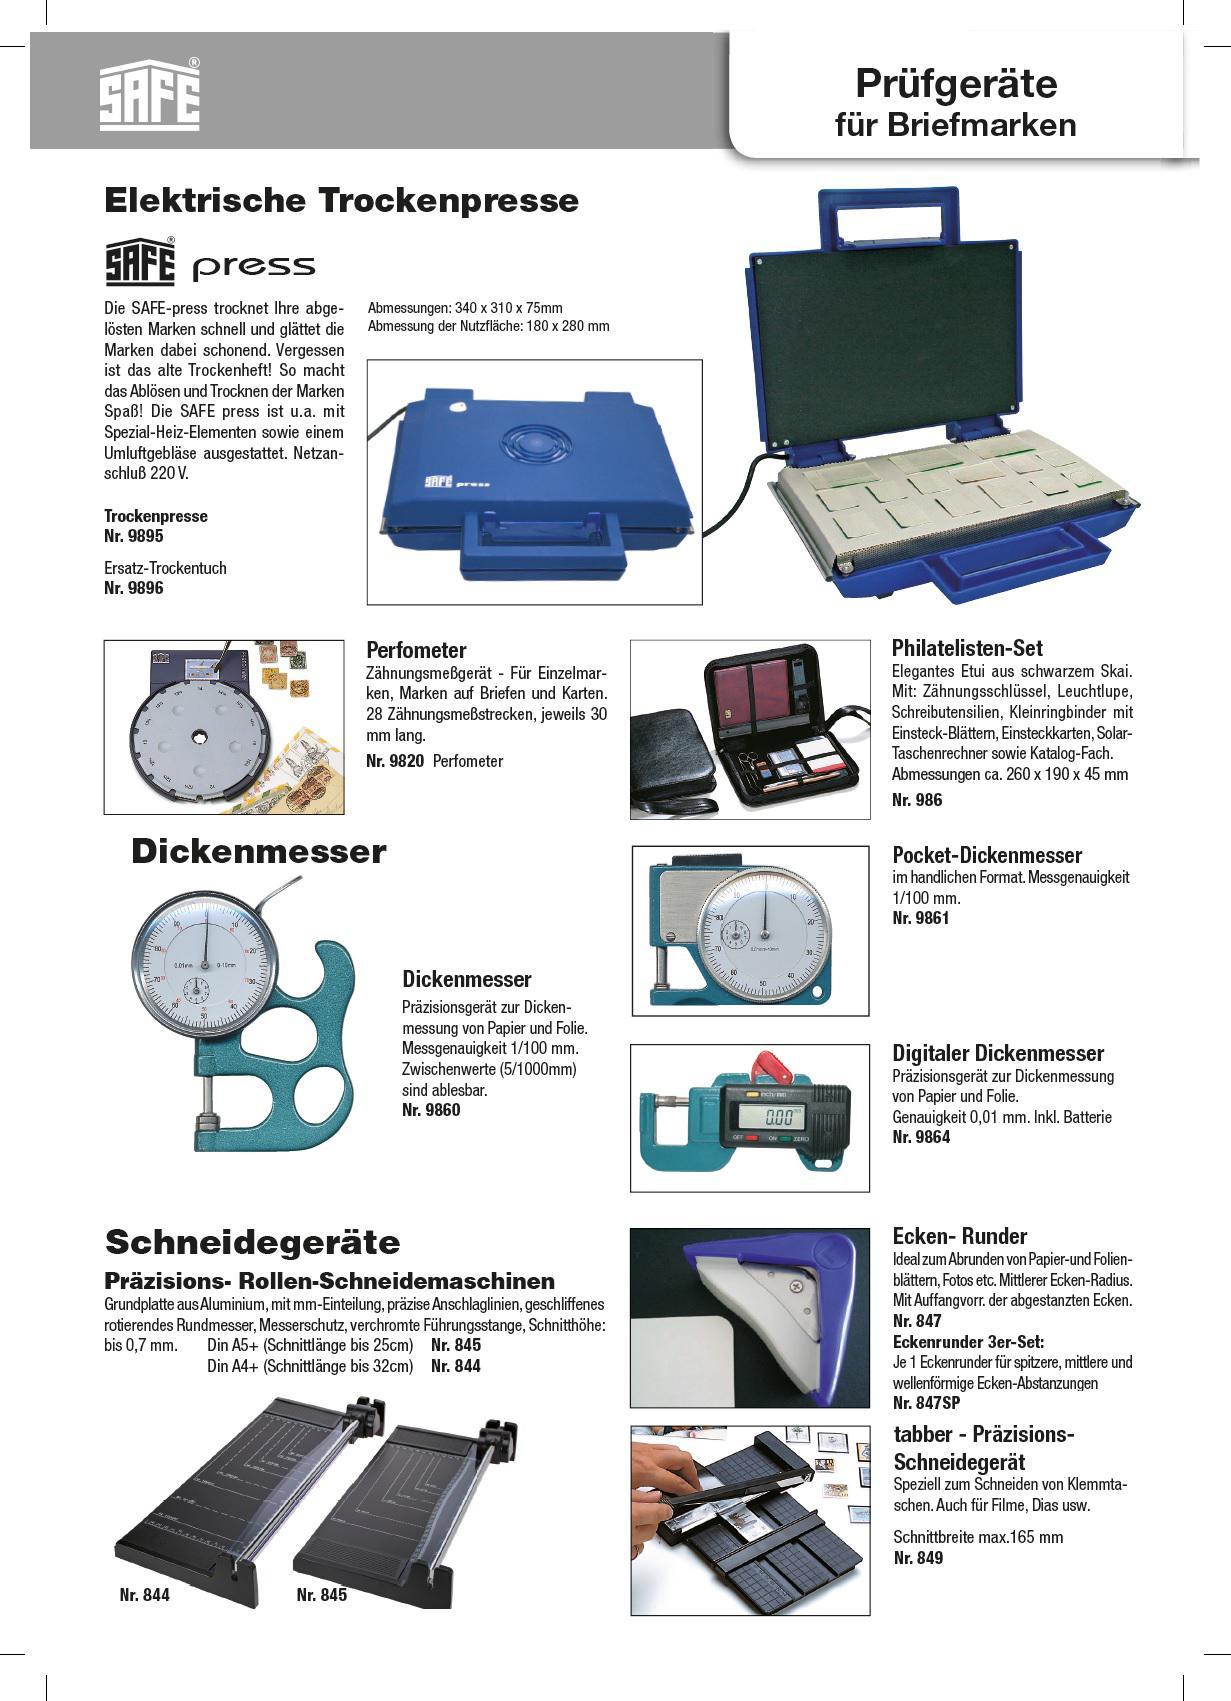 SAFE 9820 Perfometer Zähnungsmessgerät Zähnungsmeßgerät für ...